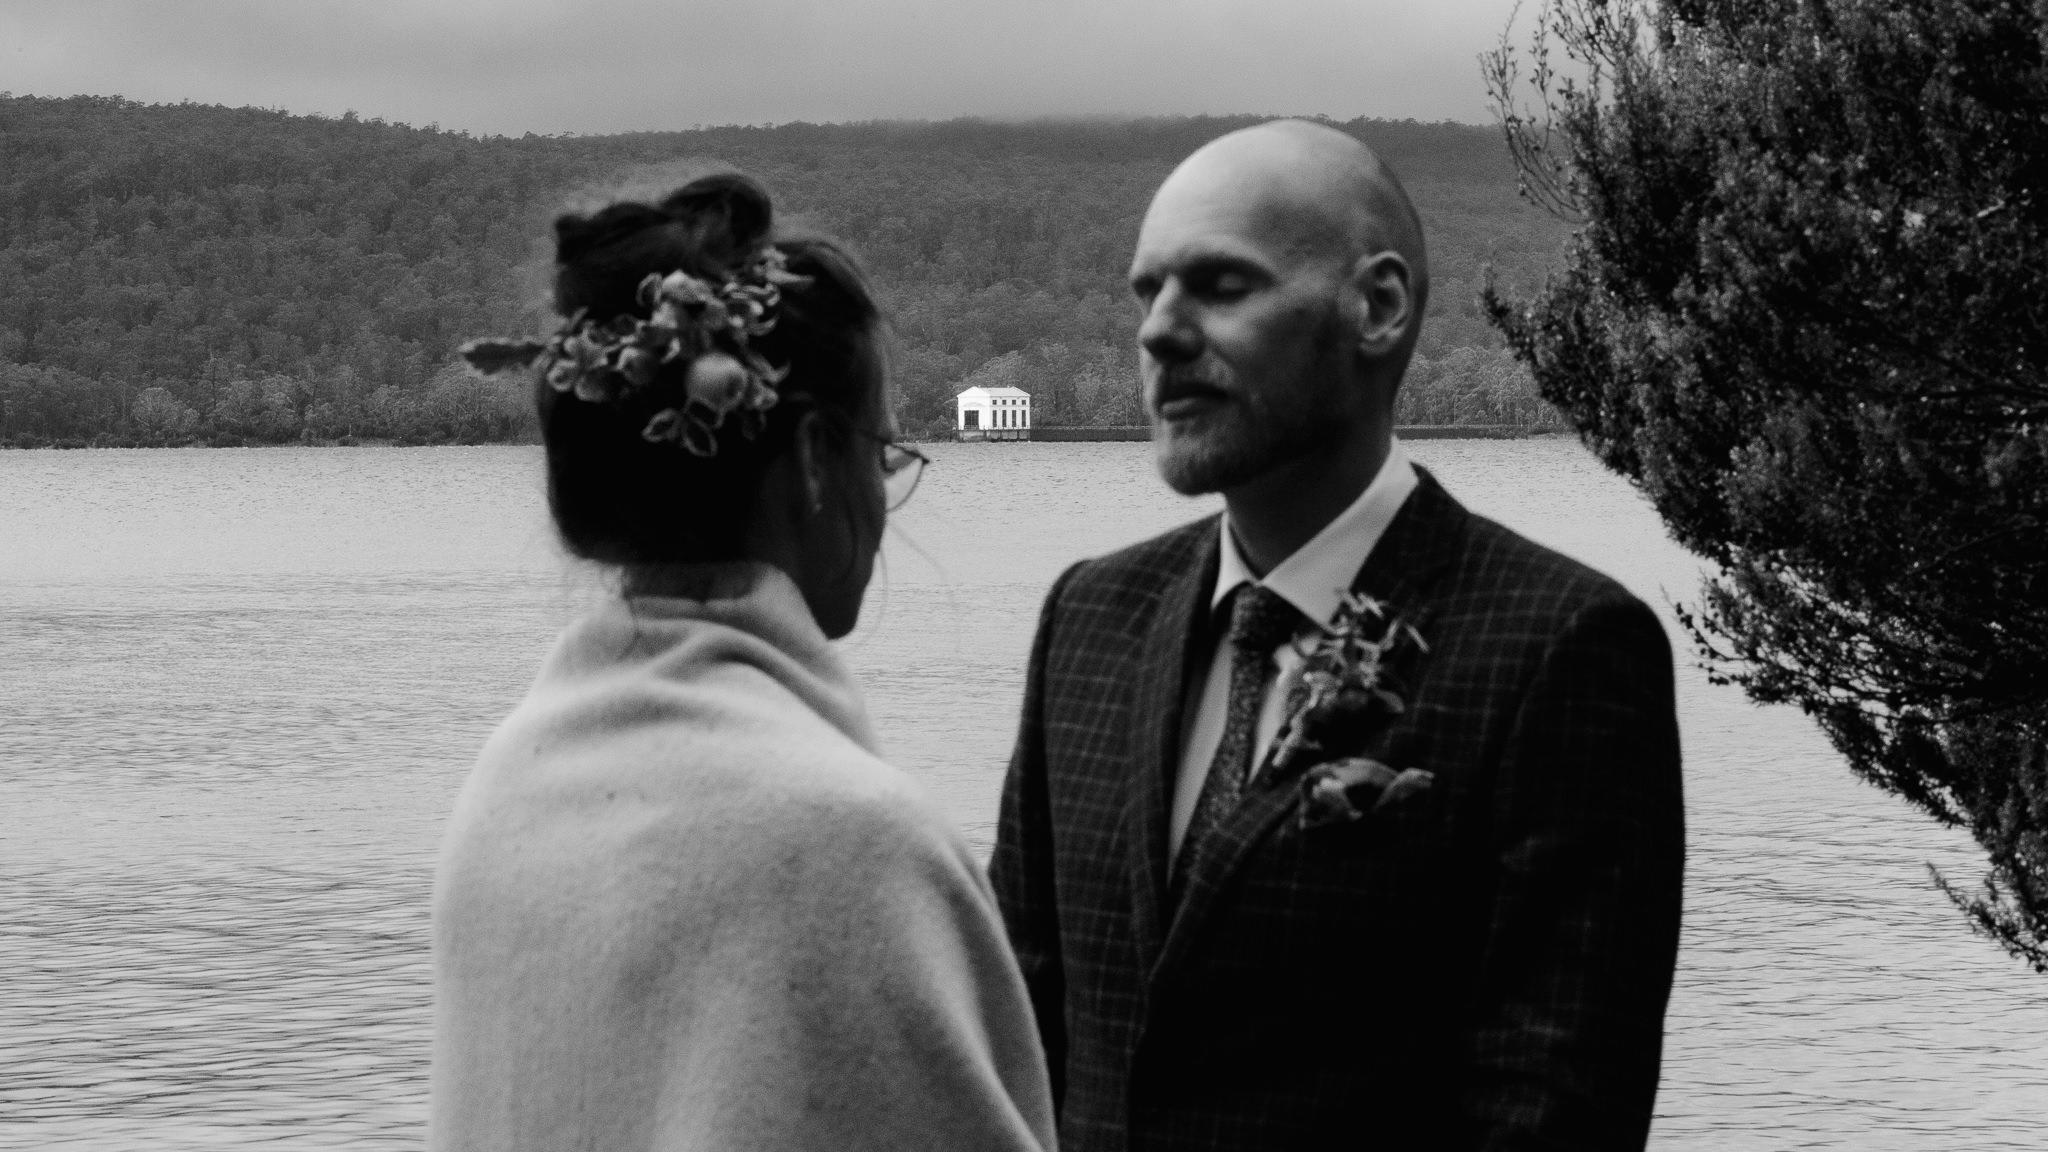 Pumphouse_Point_wedding_photography_elopement620.JPG